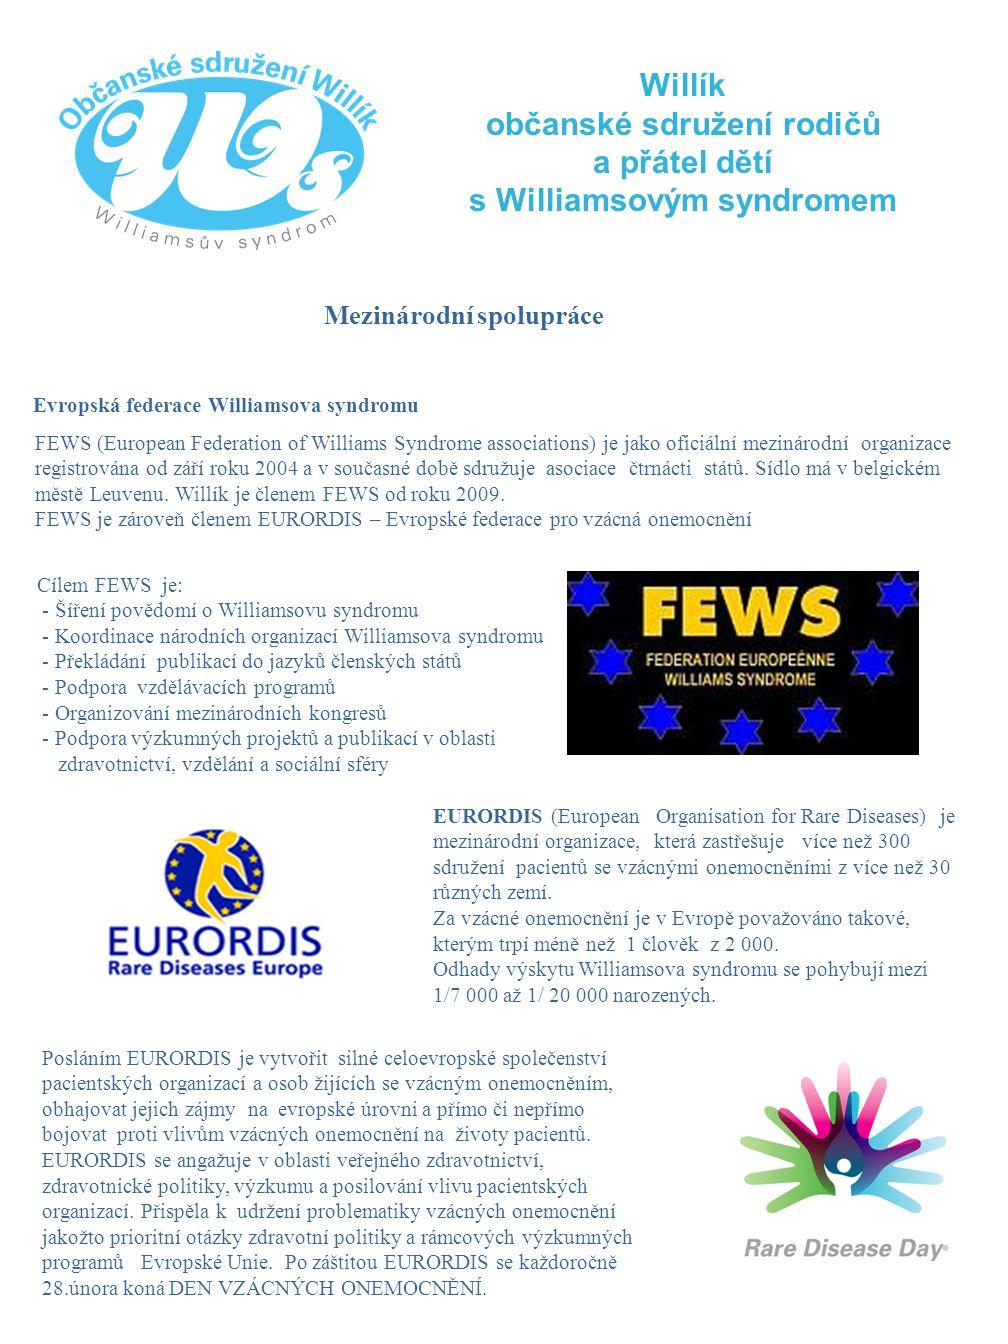 Willík občanské sdružení rodičů a přátel dětí s Williamsovým syndromem Evropská federace Williamsova syndromu FEWS (European Federation of Williams Sy